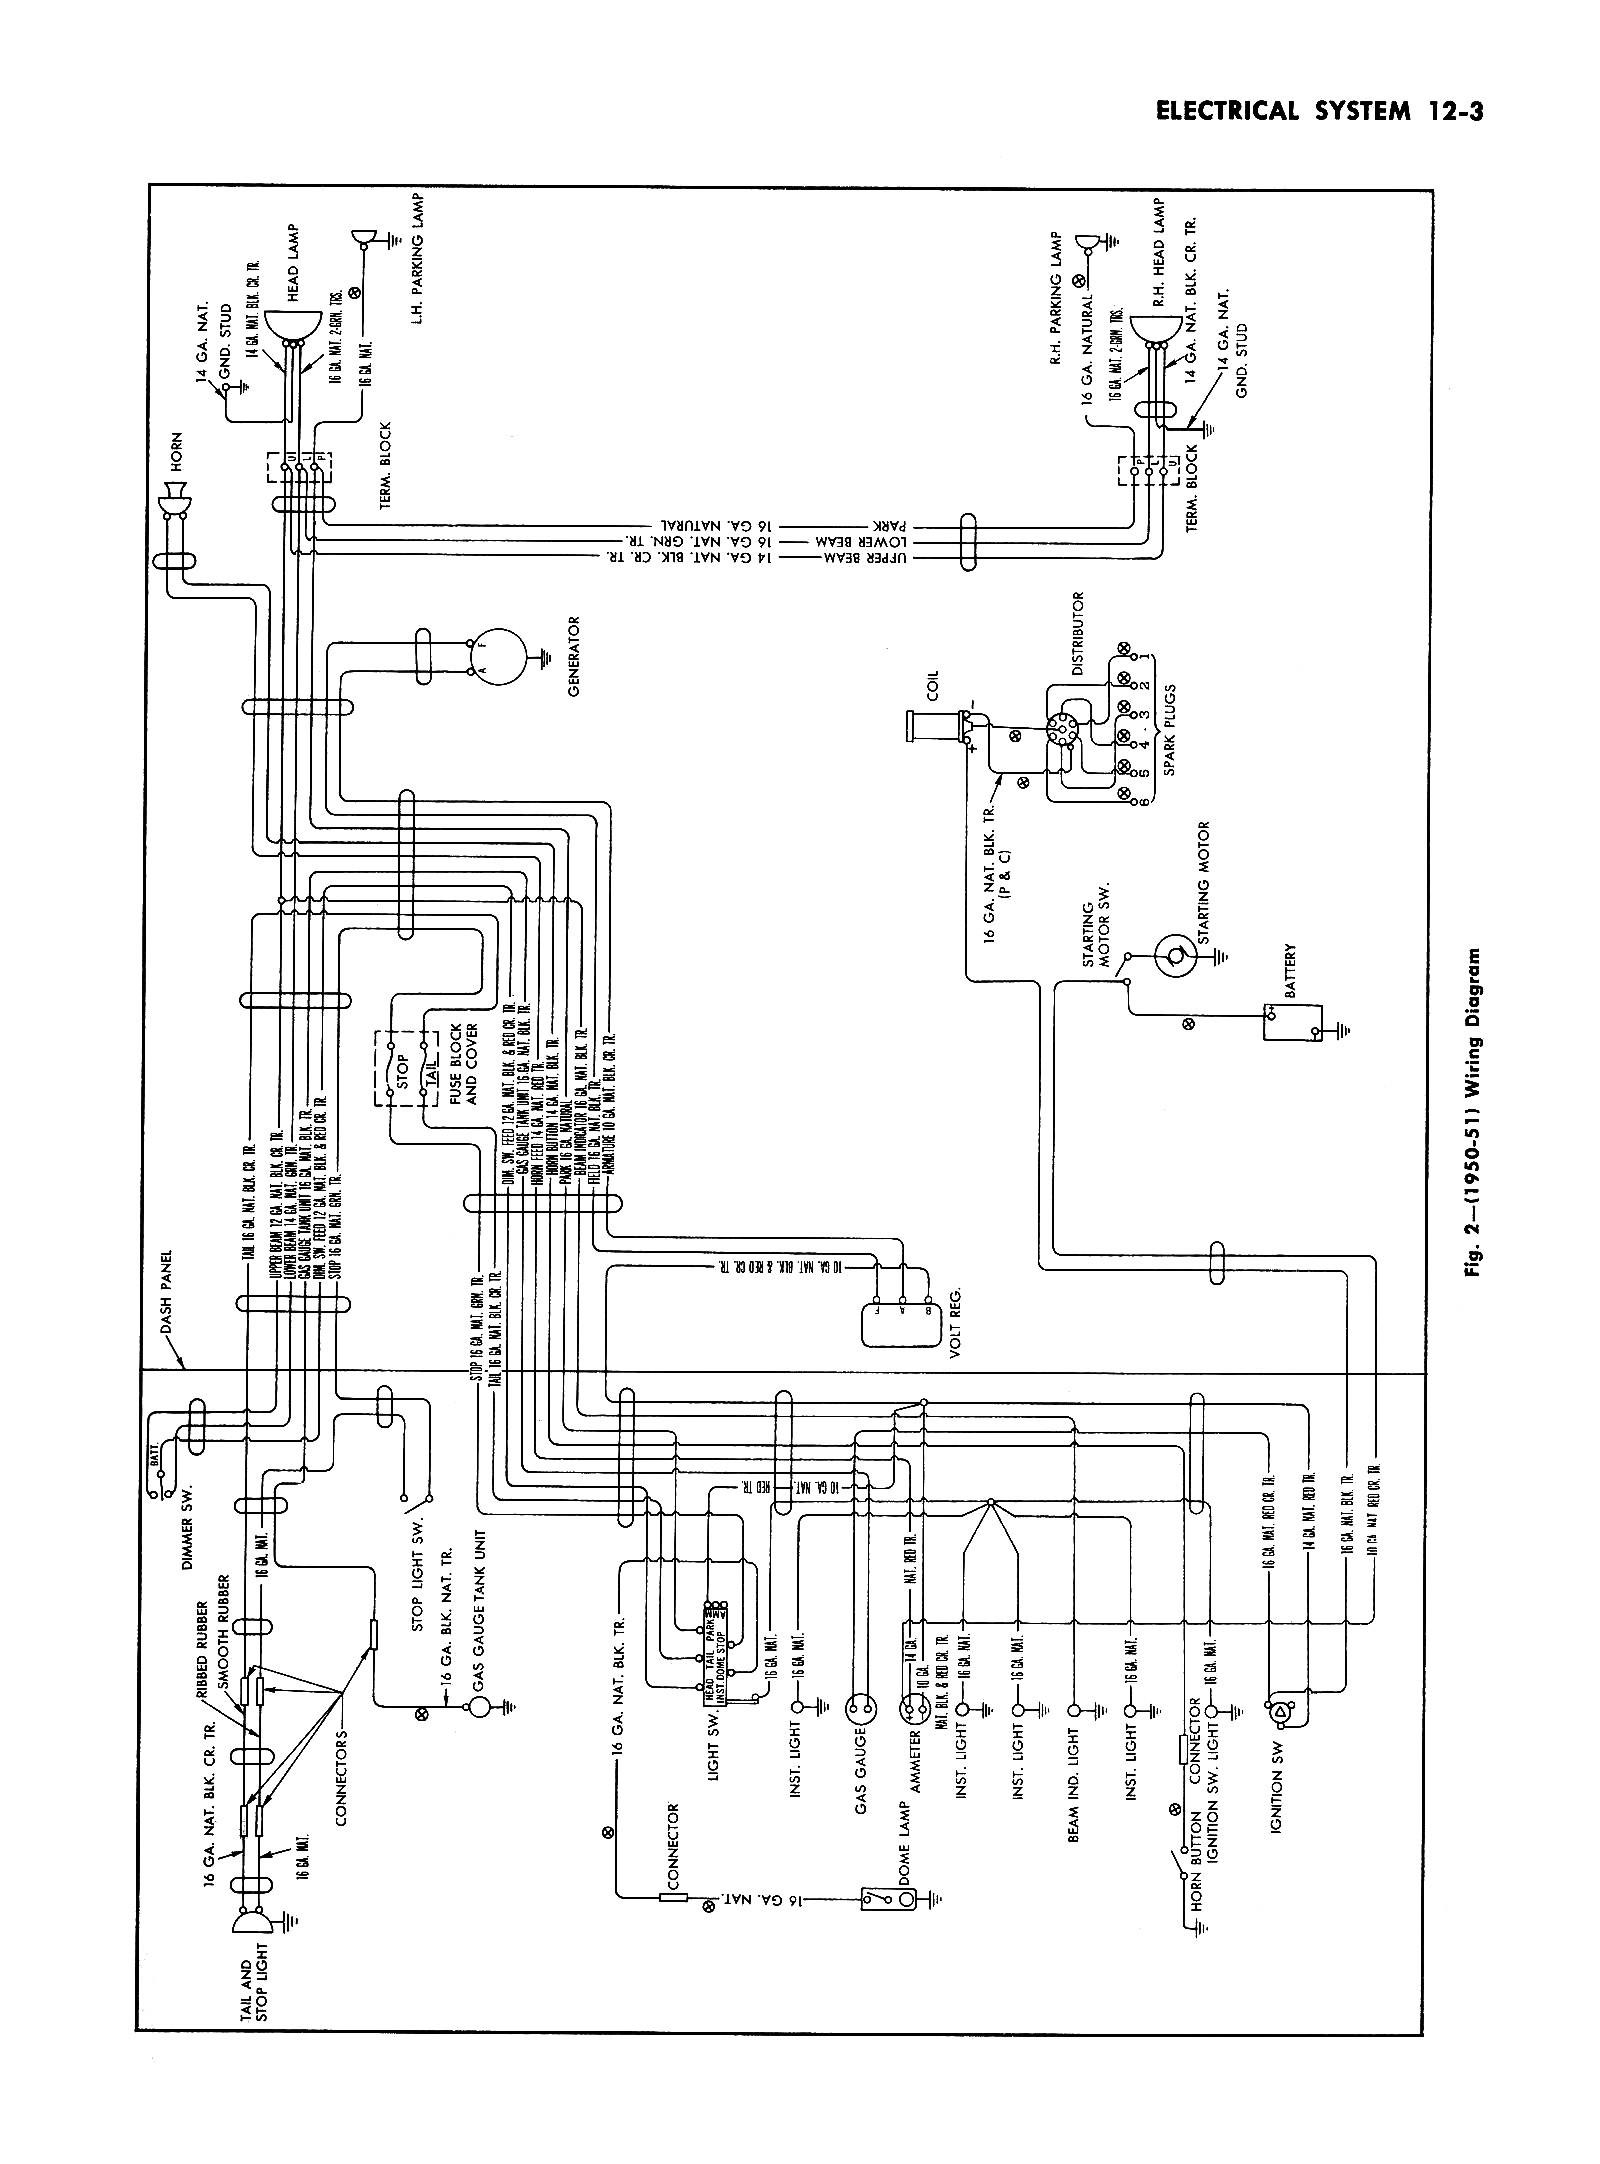 1950 Passenger Car Wiring